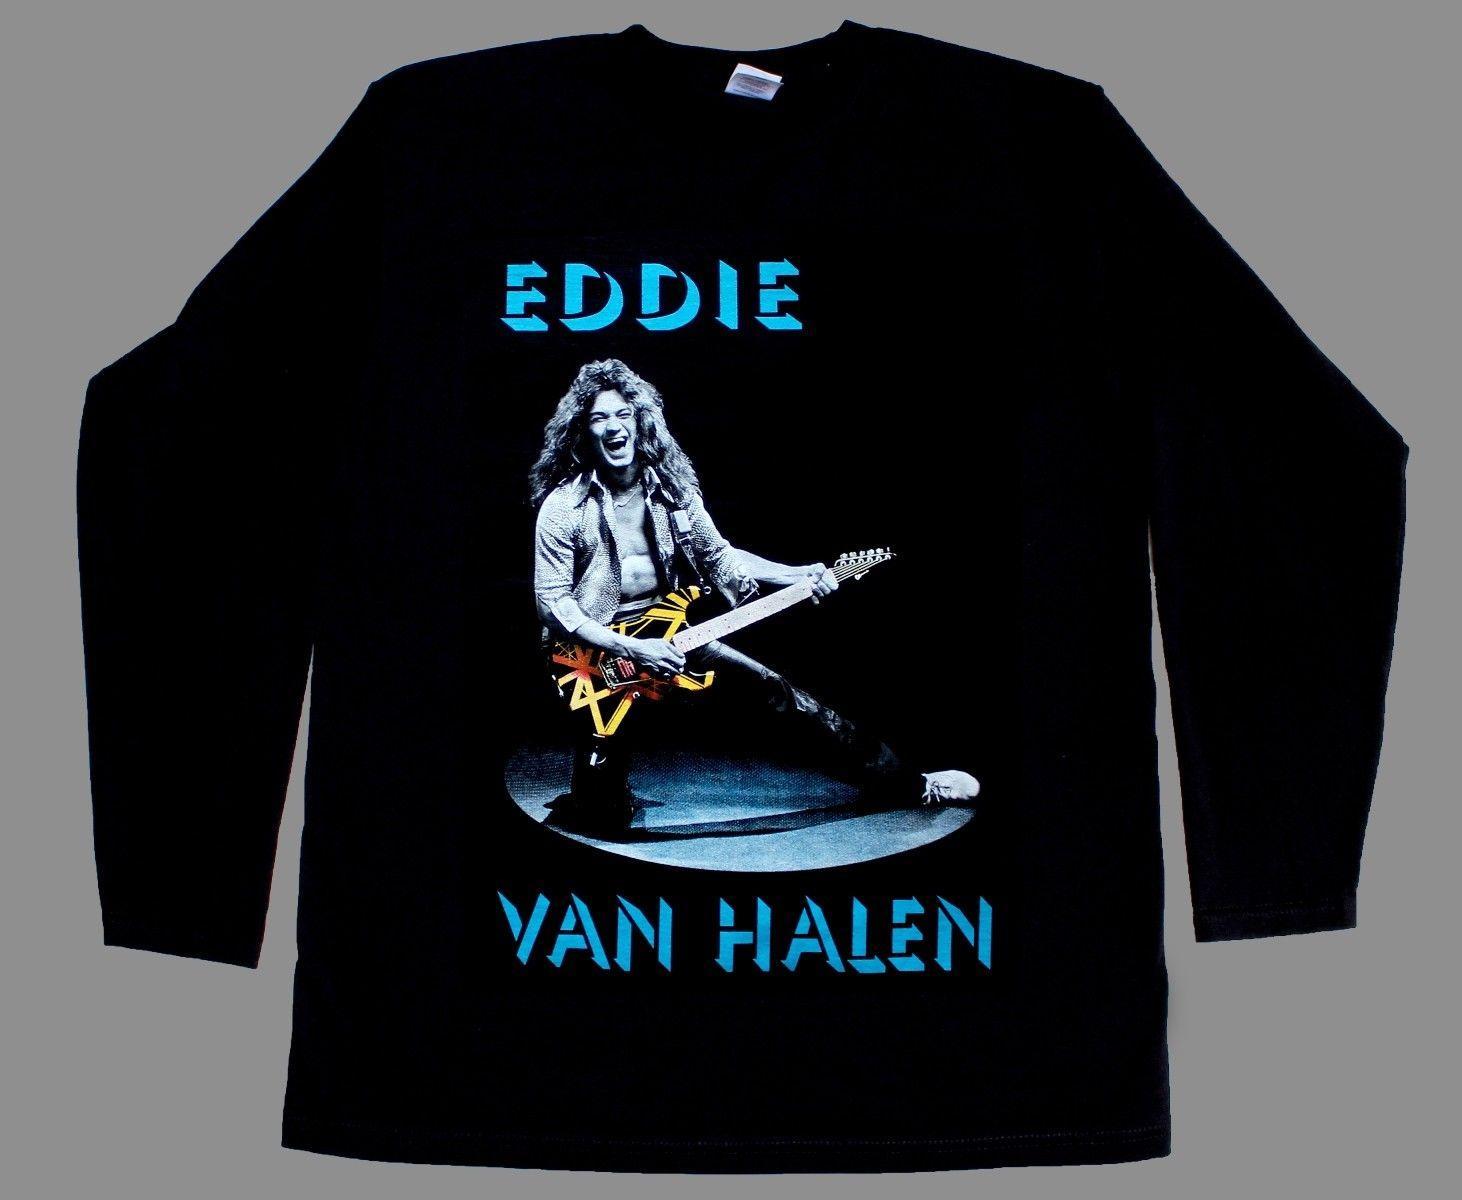 a594acaaf EDDIE VAN HALEN GUITAR NEW RARE LONG SLEEVE T SHIRT S XXL Tee T Good T Shirt  Design From Banwanyue9, $15.44| DHgate.Com